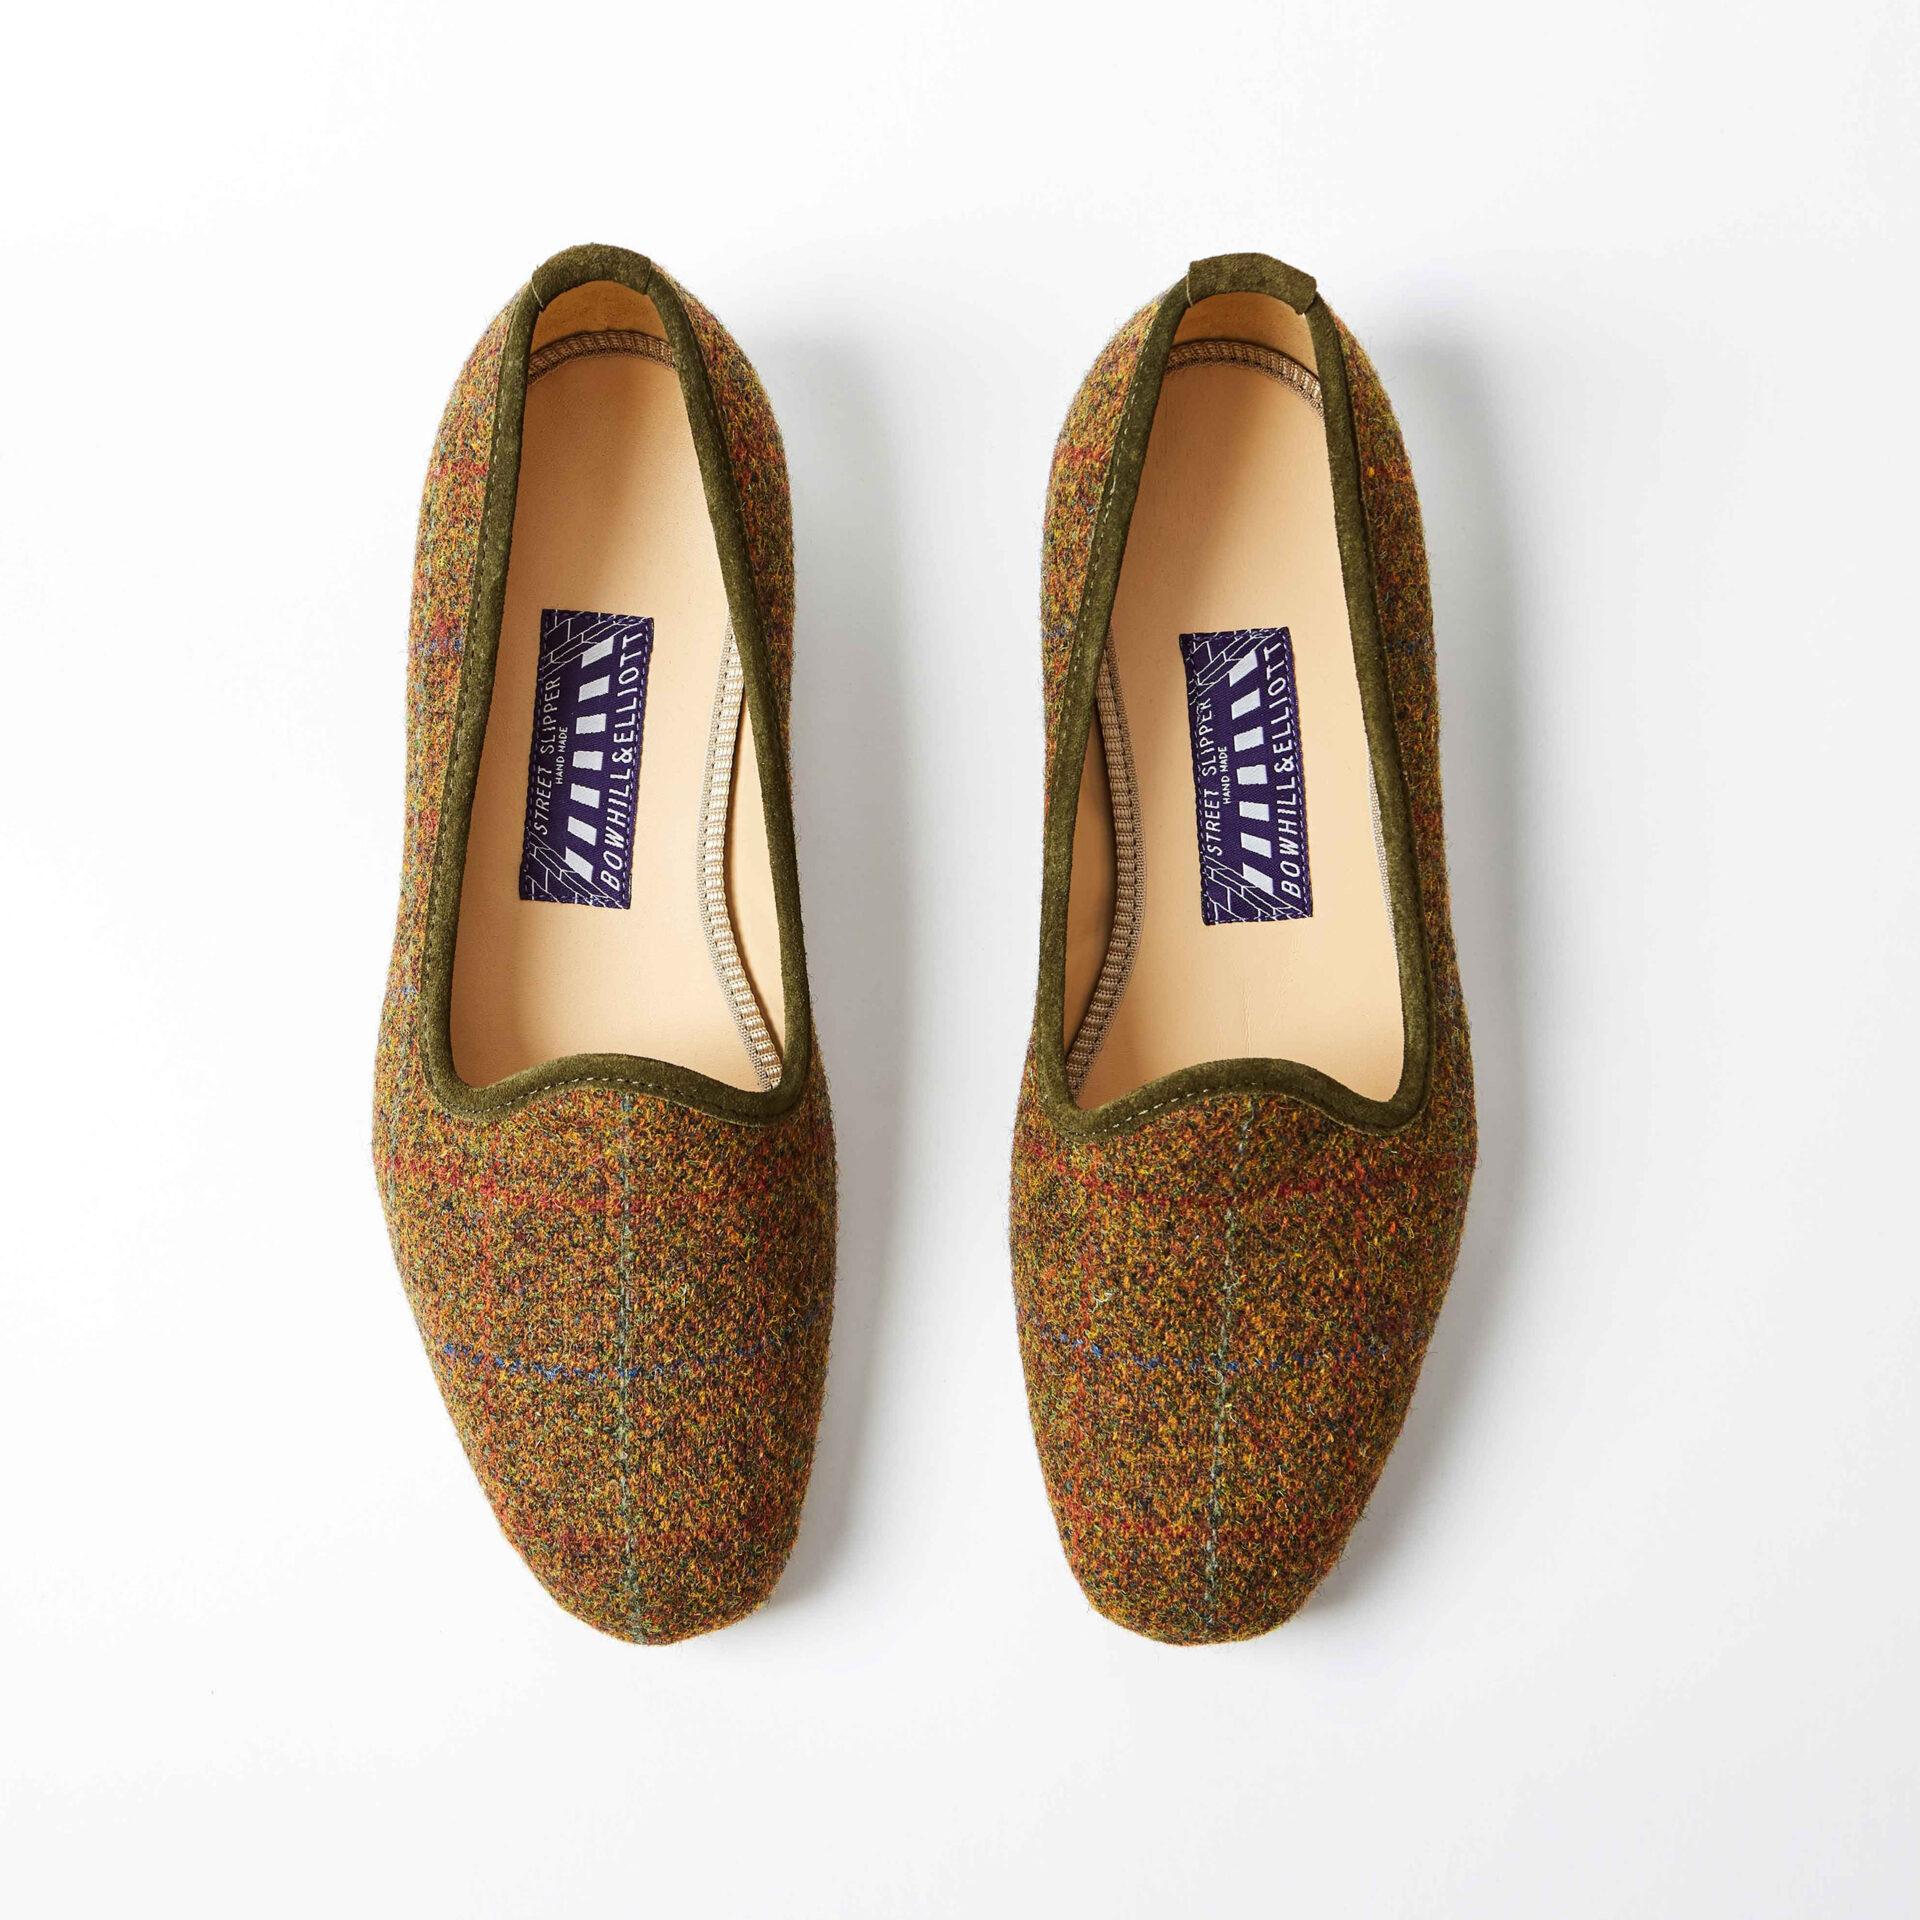 harris tweed shoes 3